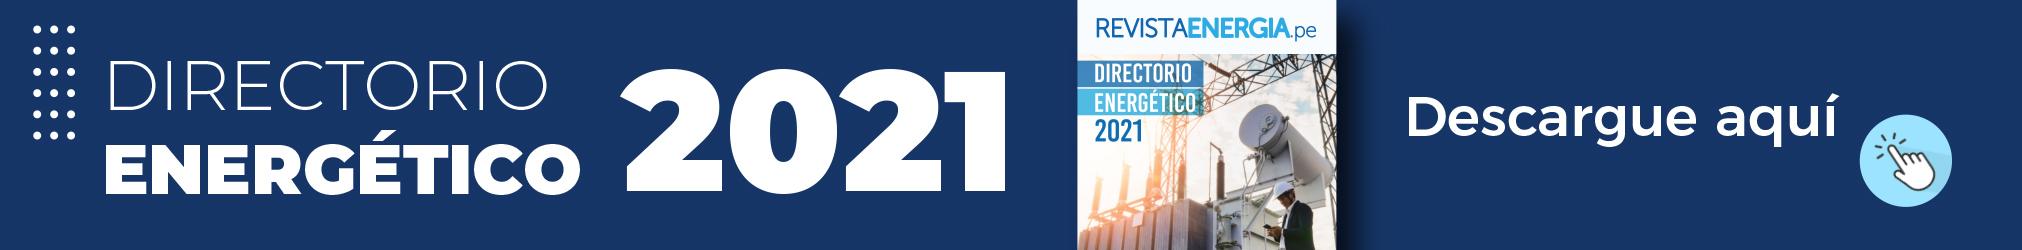 DIRECTORIO ENERGÉTICO 2021